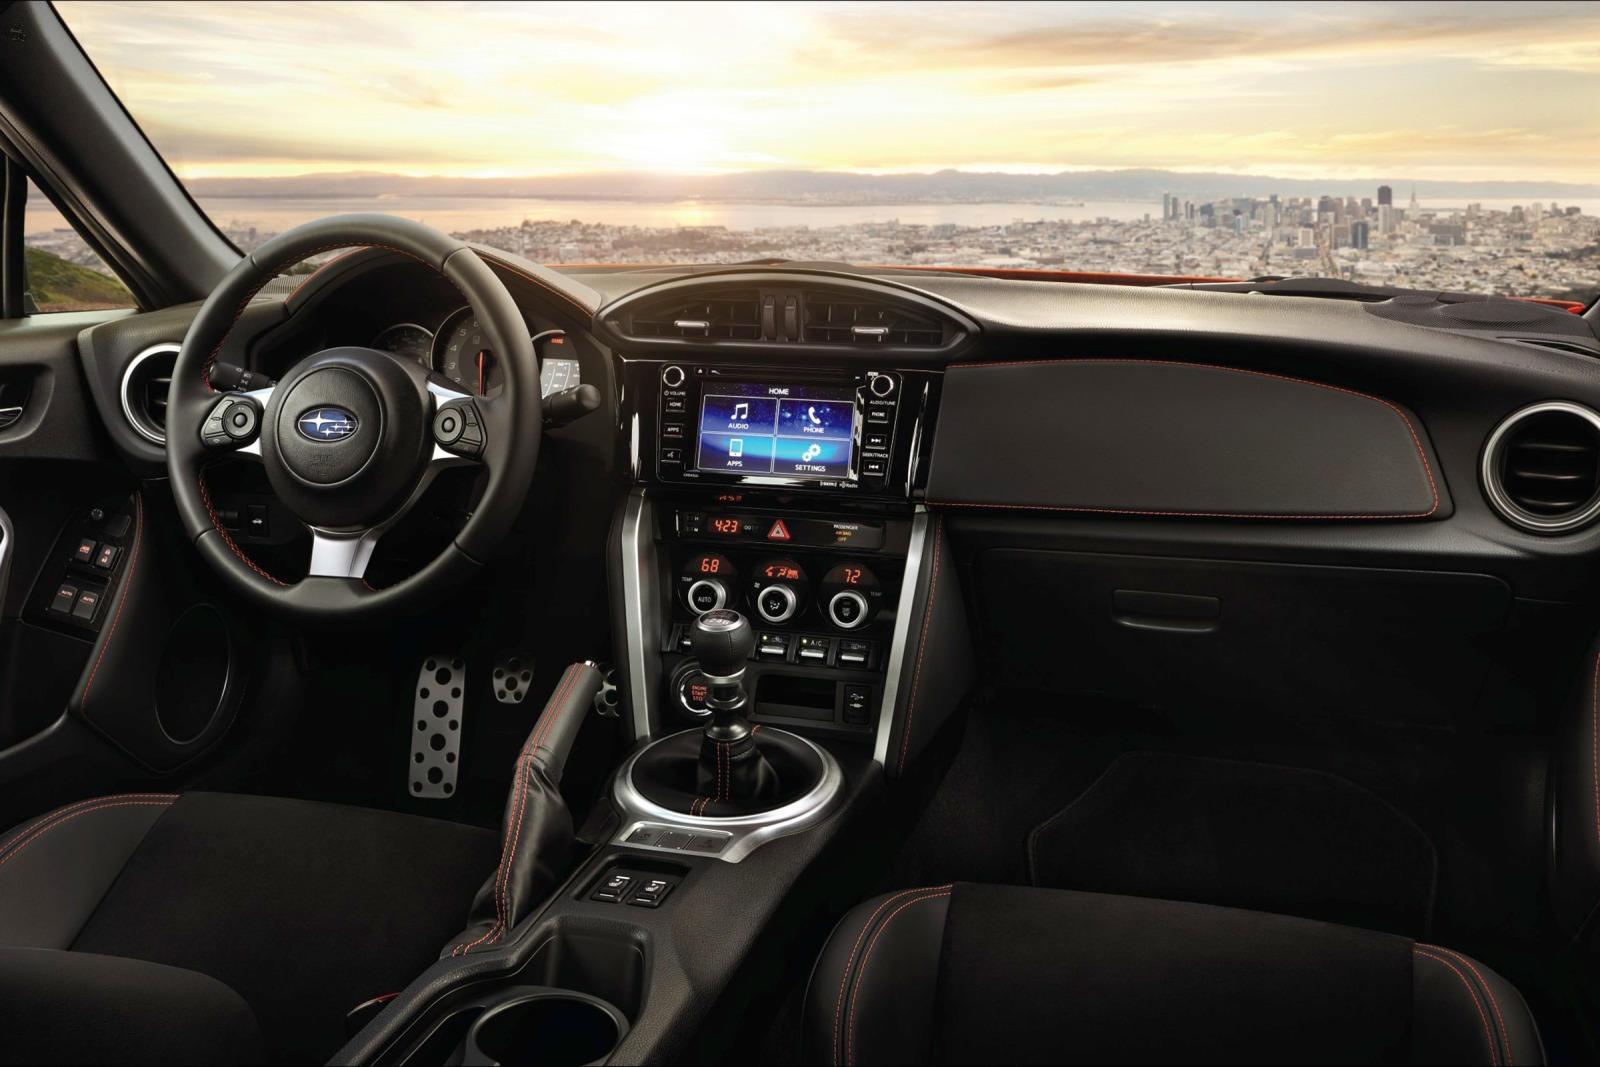 Внутри сиденья обтянуты кожей и отделаны алькантарой синего и черного цветов, дополнены синей строчкой, нанесенной на руль, дверные панели, панель приборов и рычаг переключения передач. Специальные логотипы подчеркивают эксклюзивность BRZ Final Editi